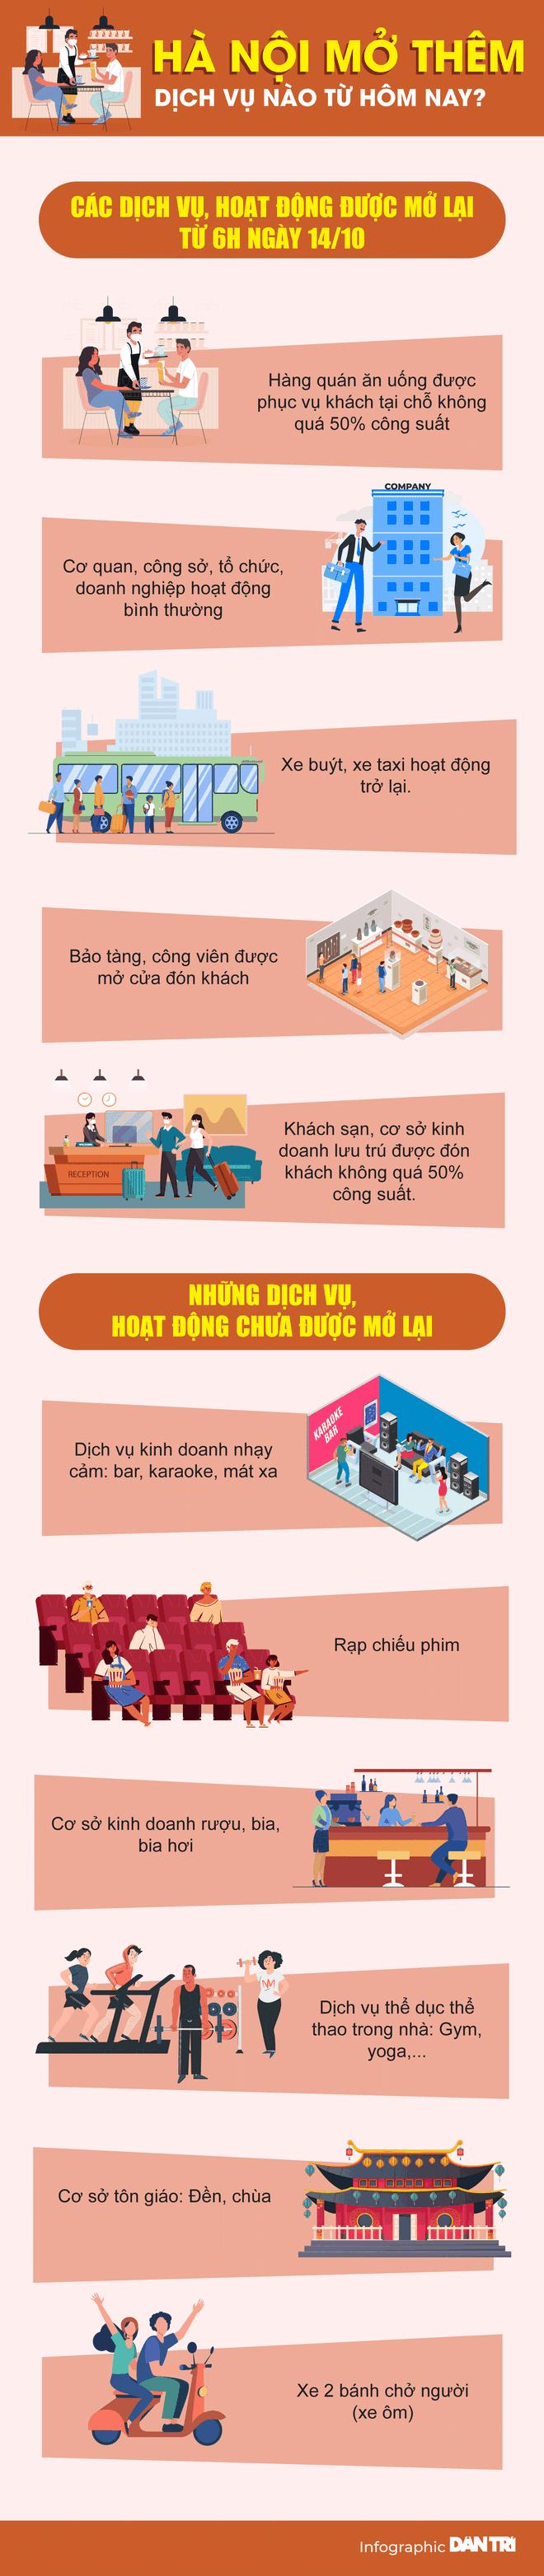 22 chốt kiểm dịch ở cửa ngõ Hà Nội có còn hoạt động không? - 1